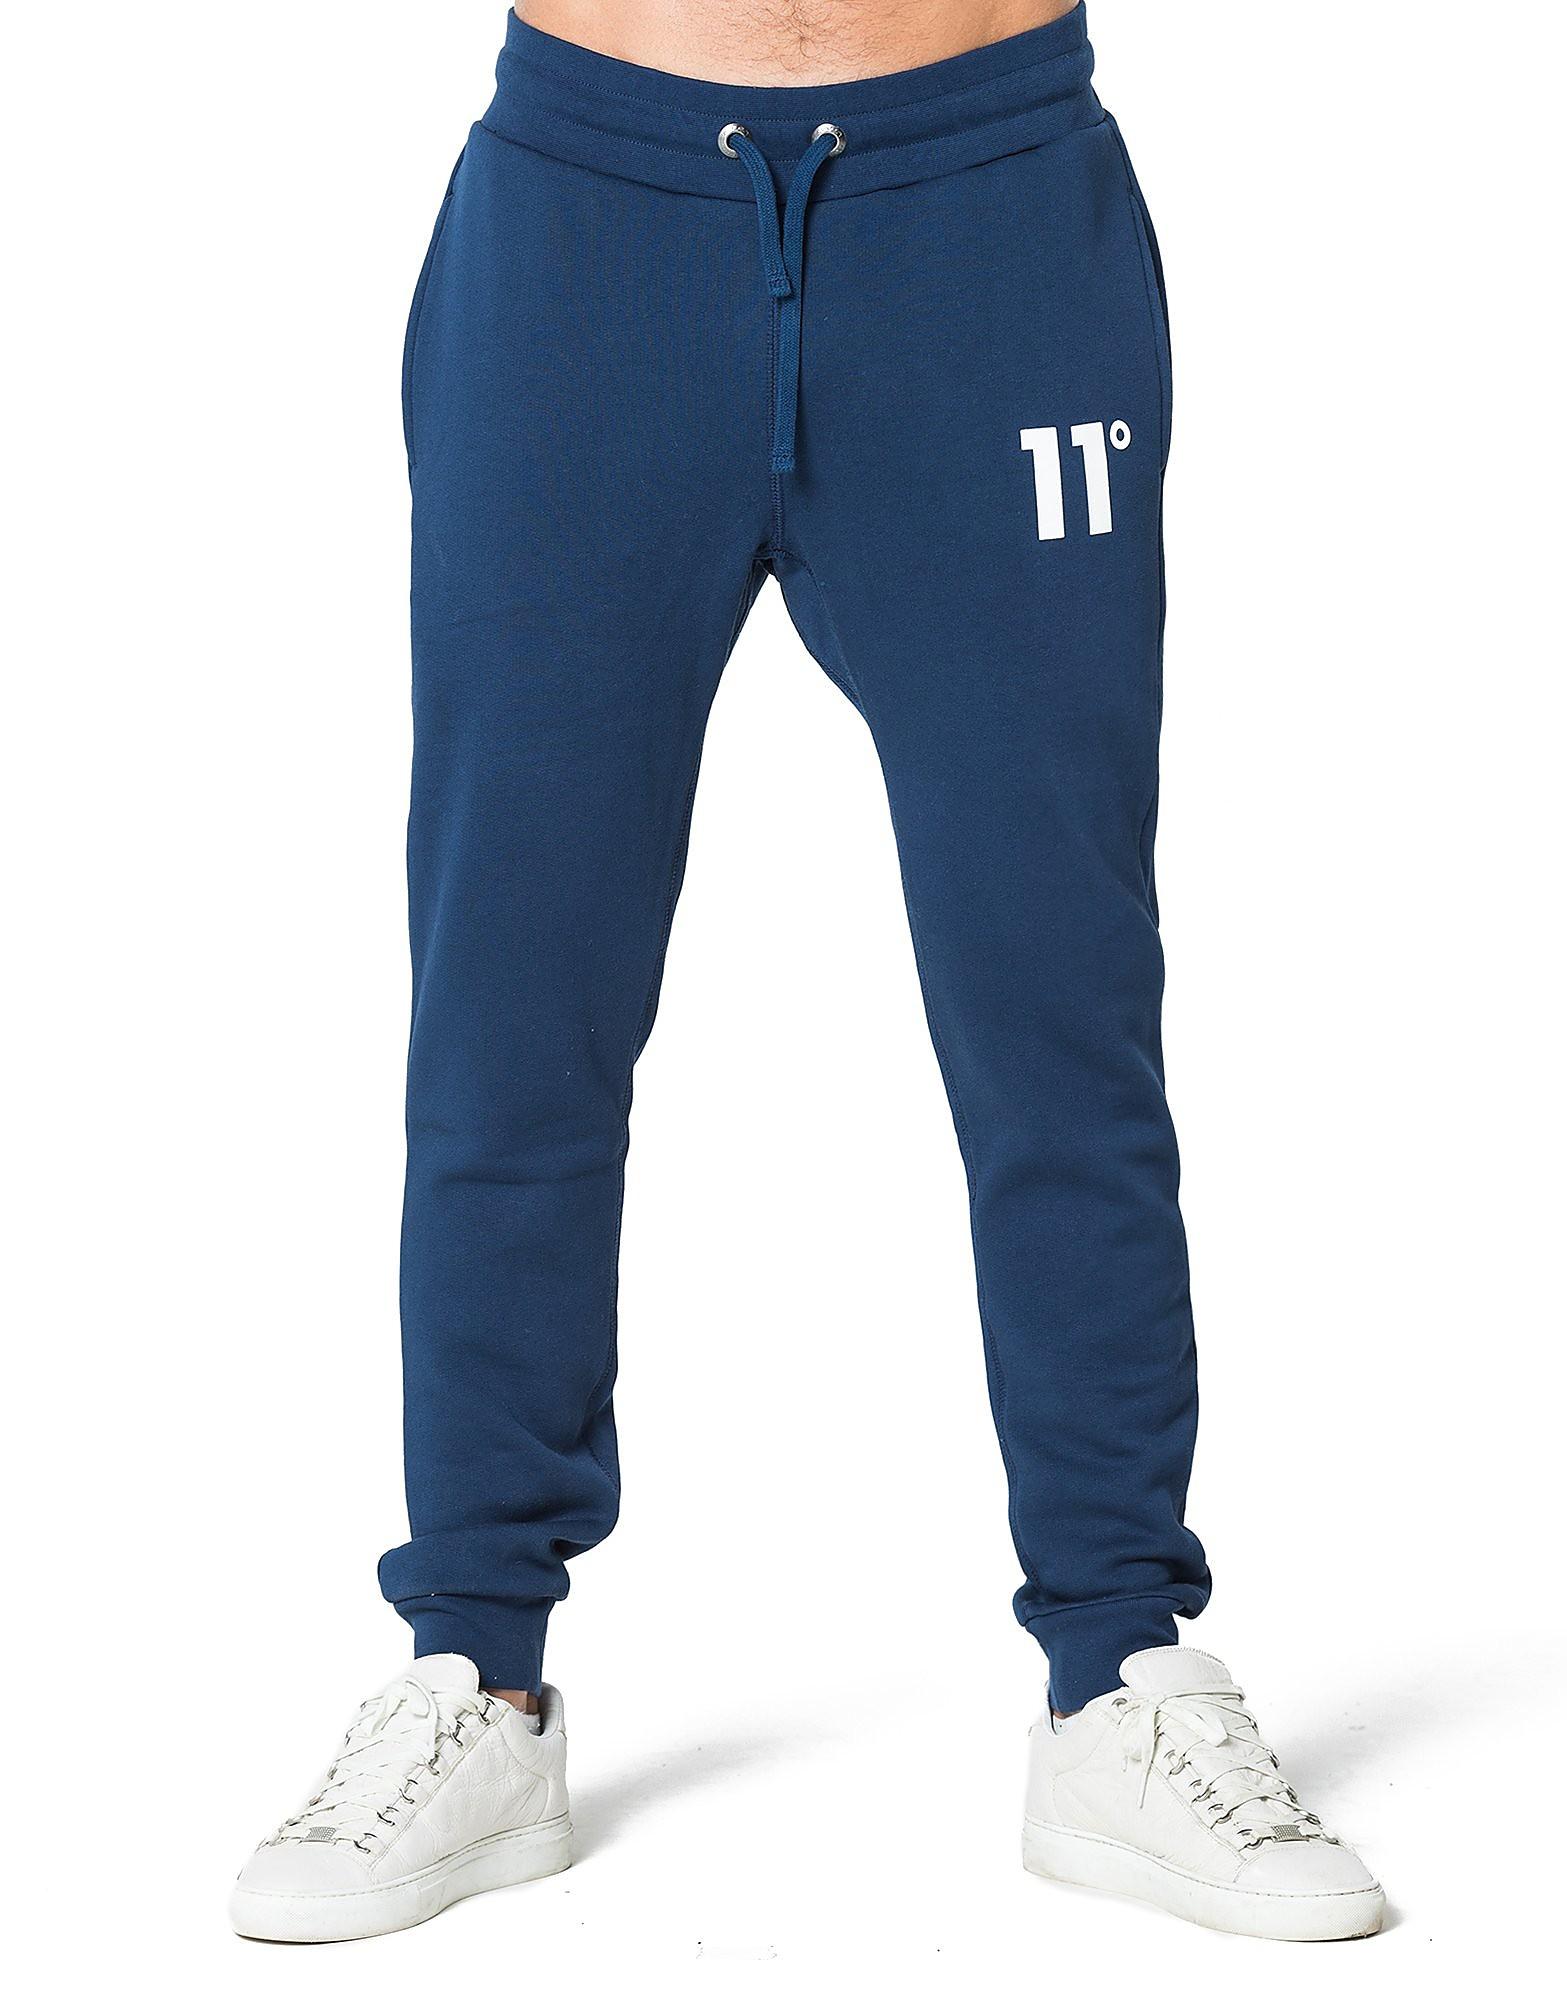 11 Degrees Core Fleece Pants - Blauw - Heren